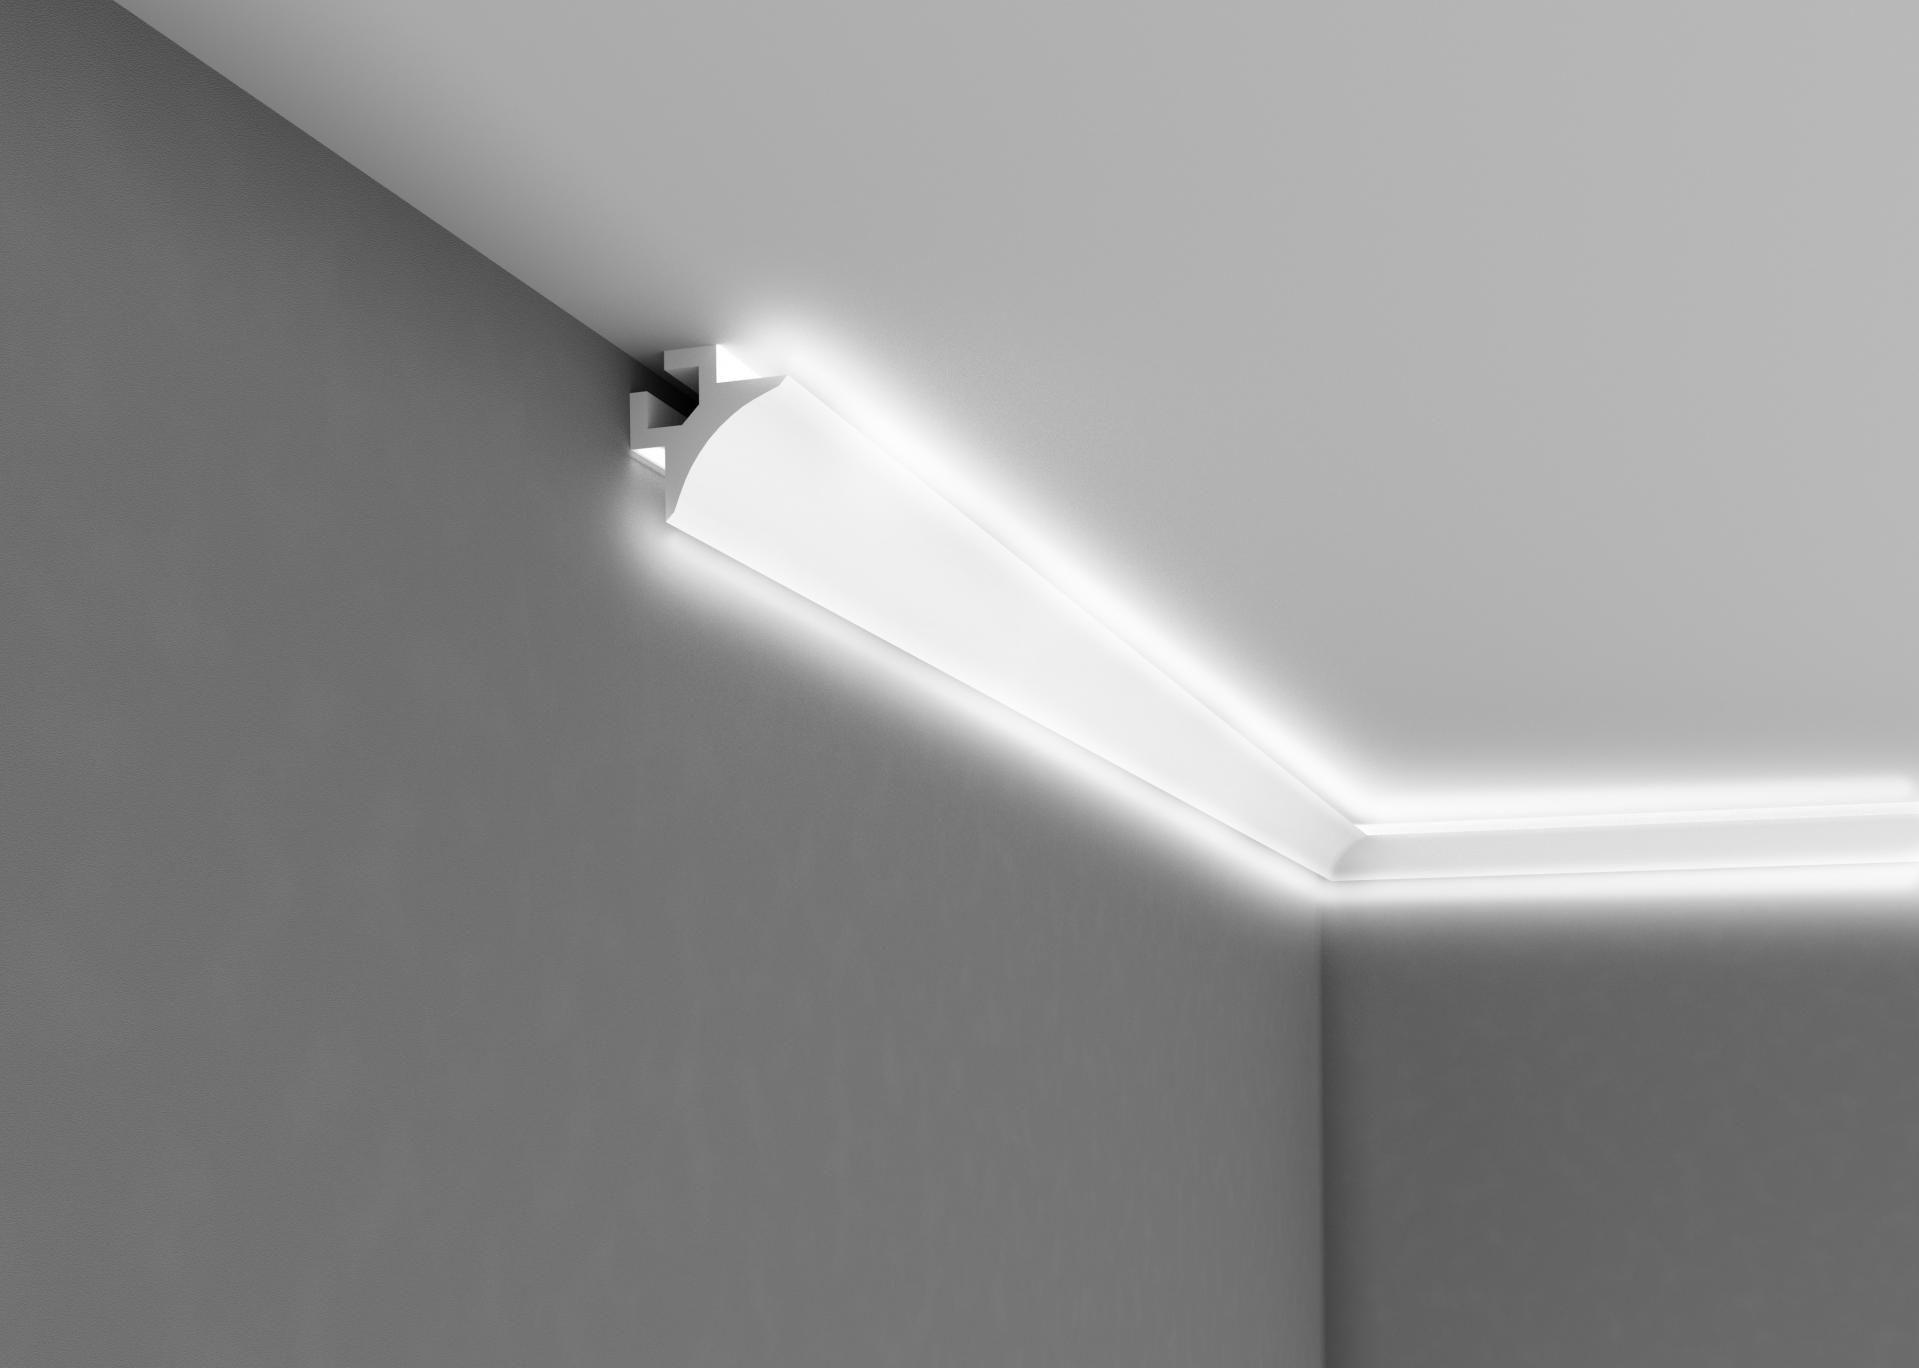 Eclairage Cuisine Led Plafond corniche éclairage ql002 | eclairage led plafond, eclairage